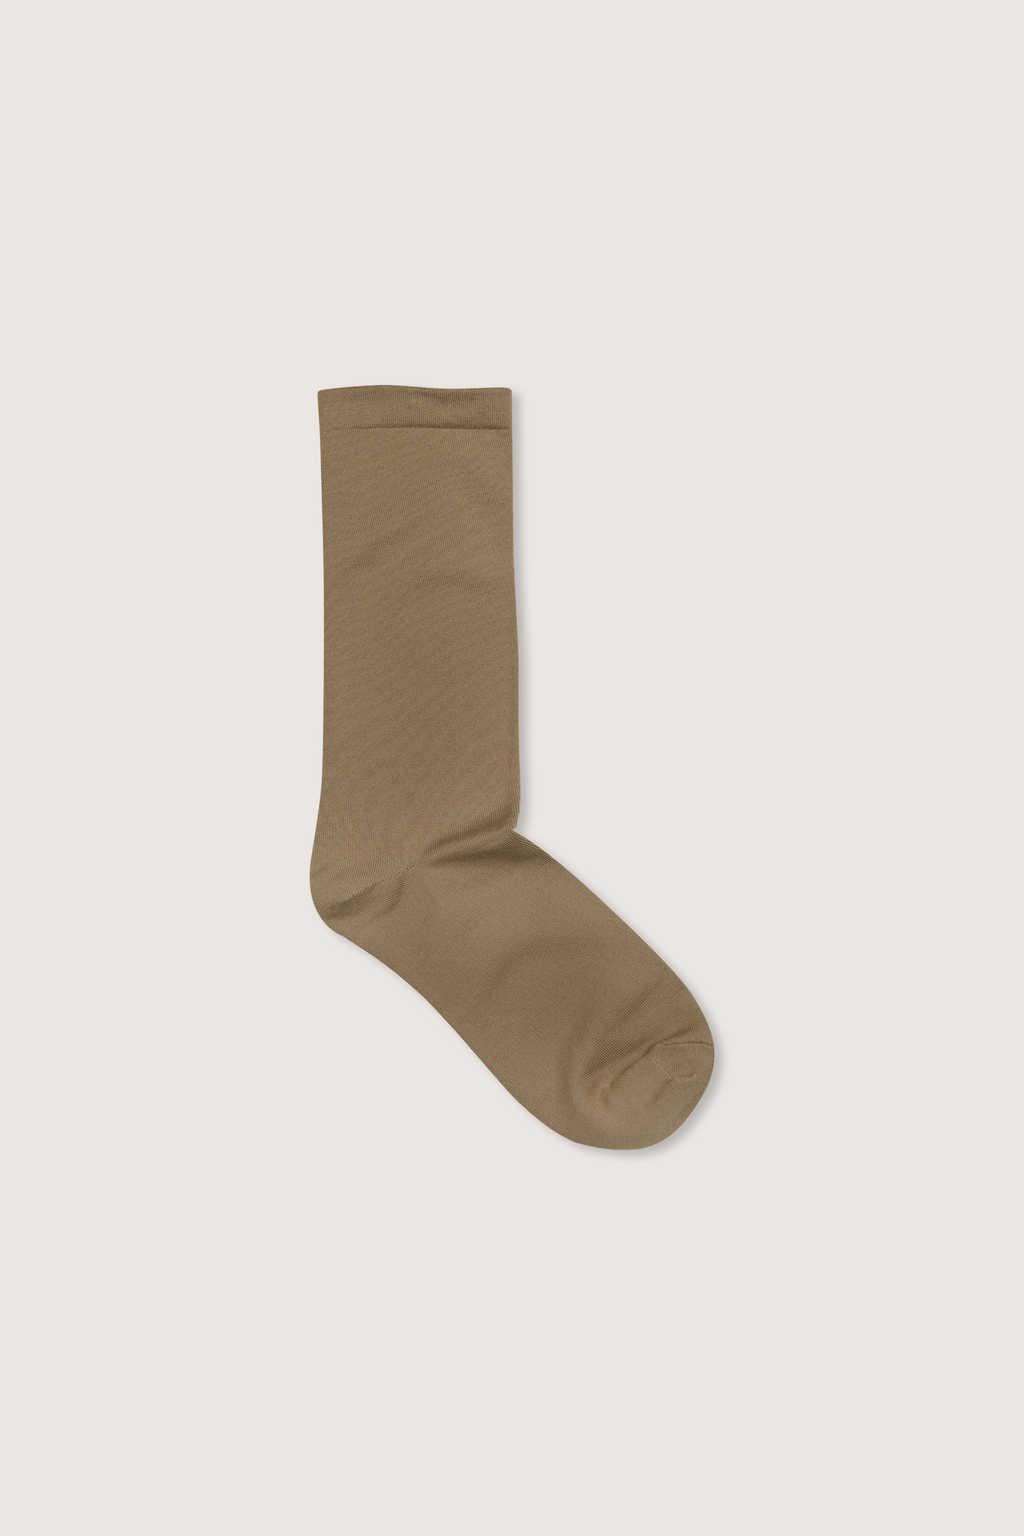 Sock H050 Beige 3